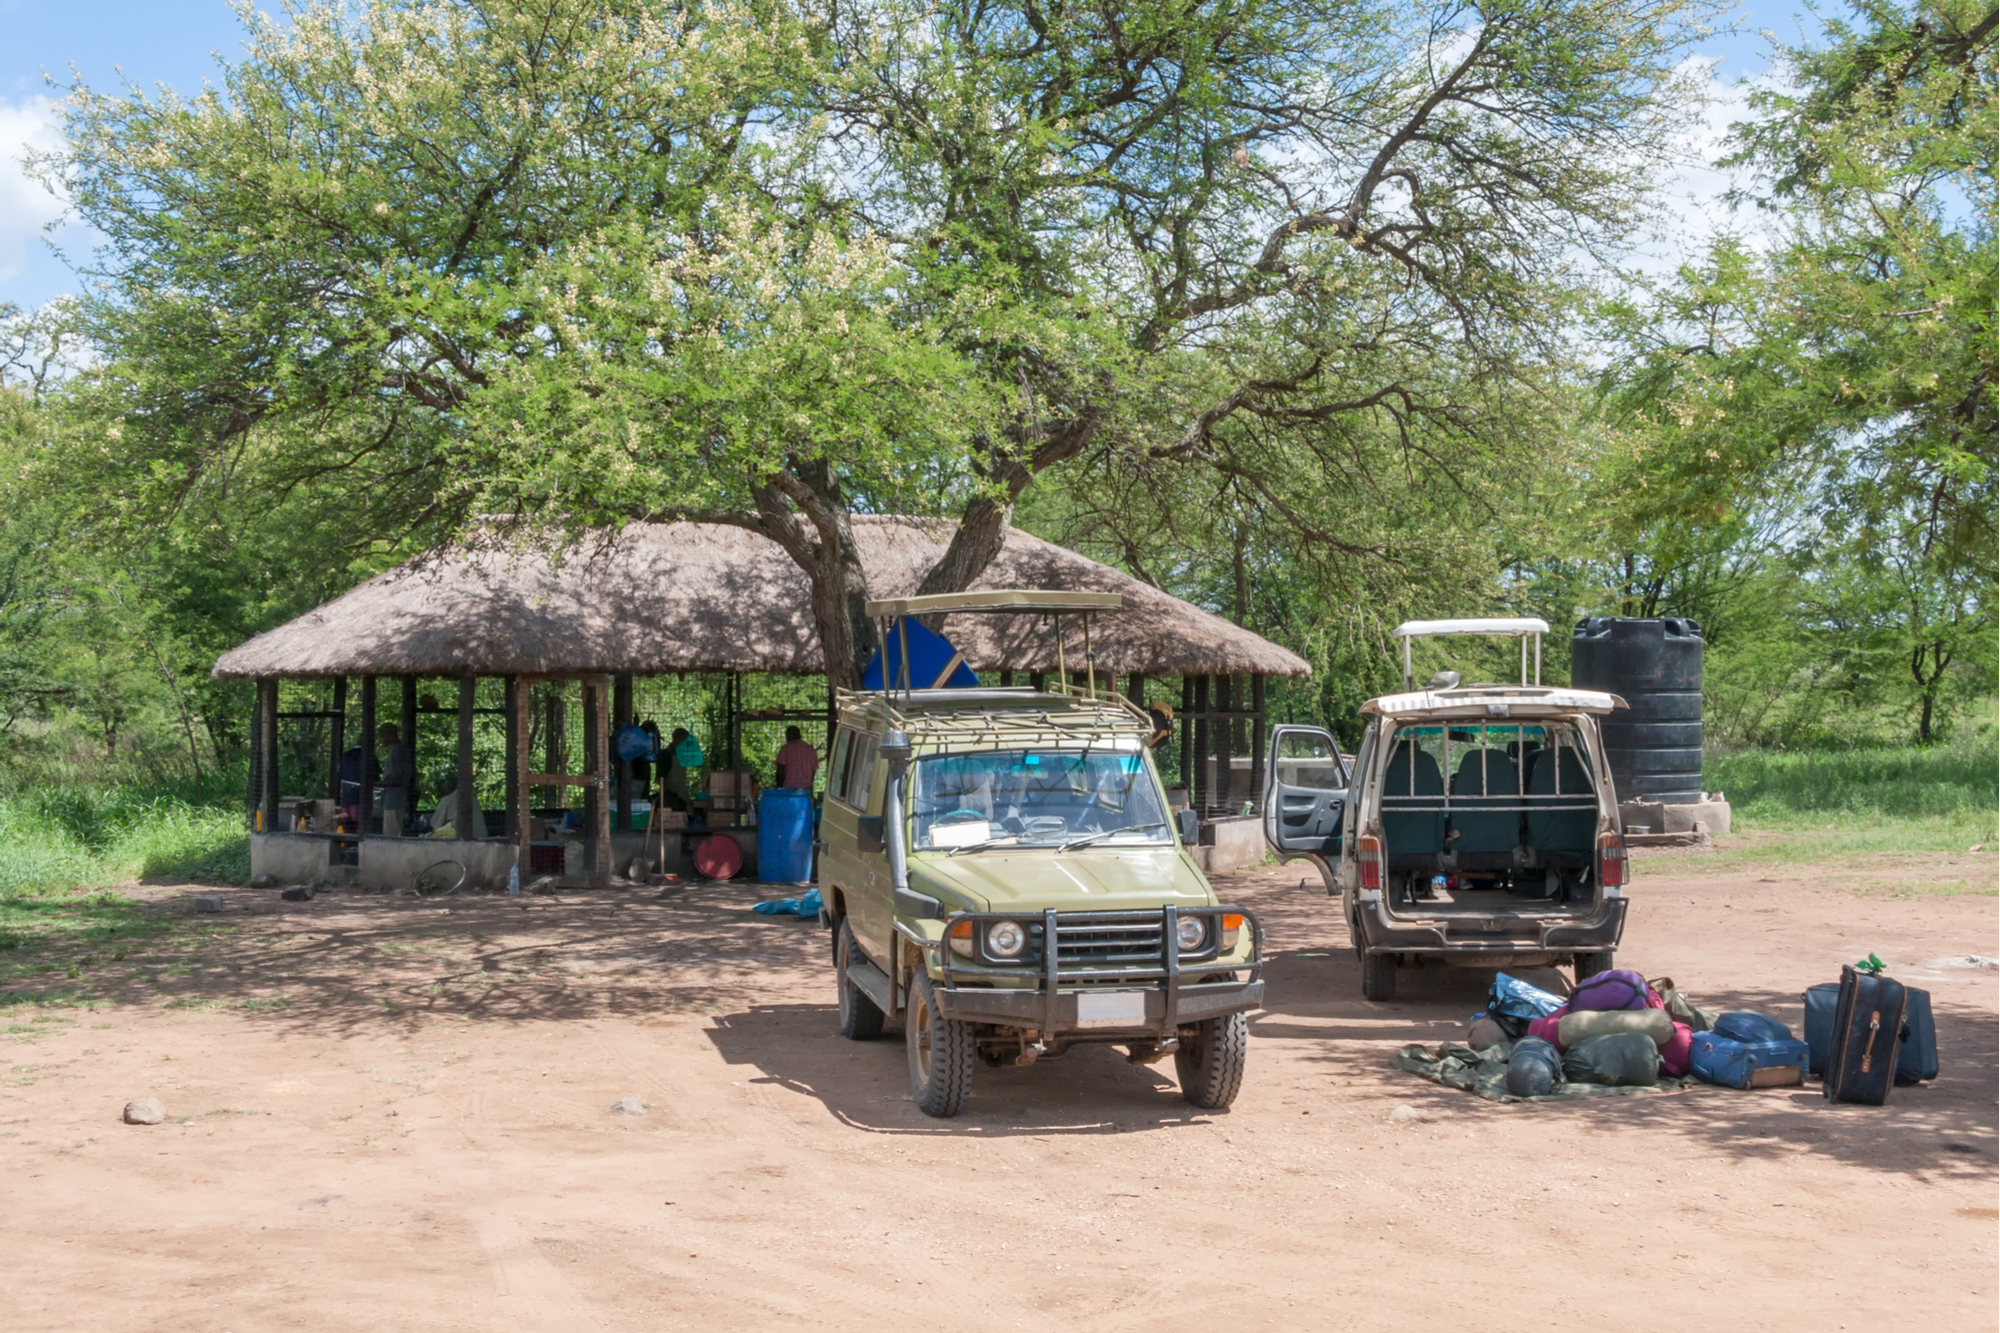 Camping-Safari-02.jpg